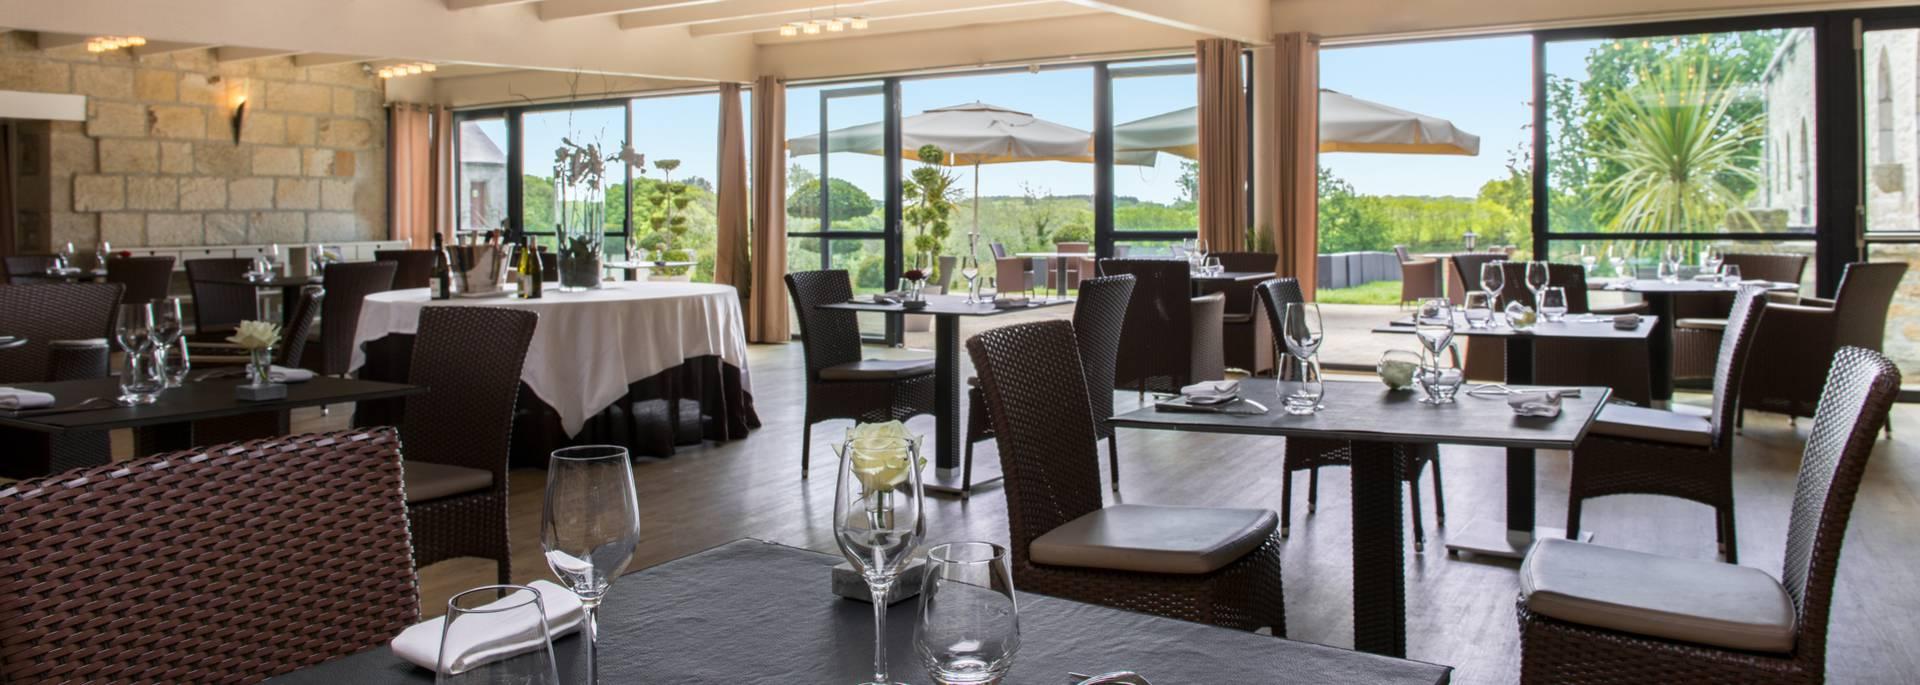 Restaurant le Manoir de Kerhuel à Plonéour-Lanvern